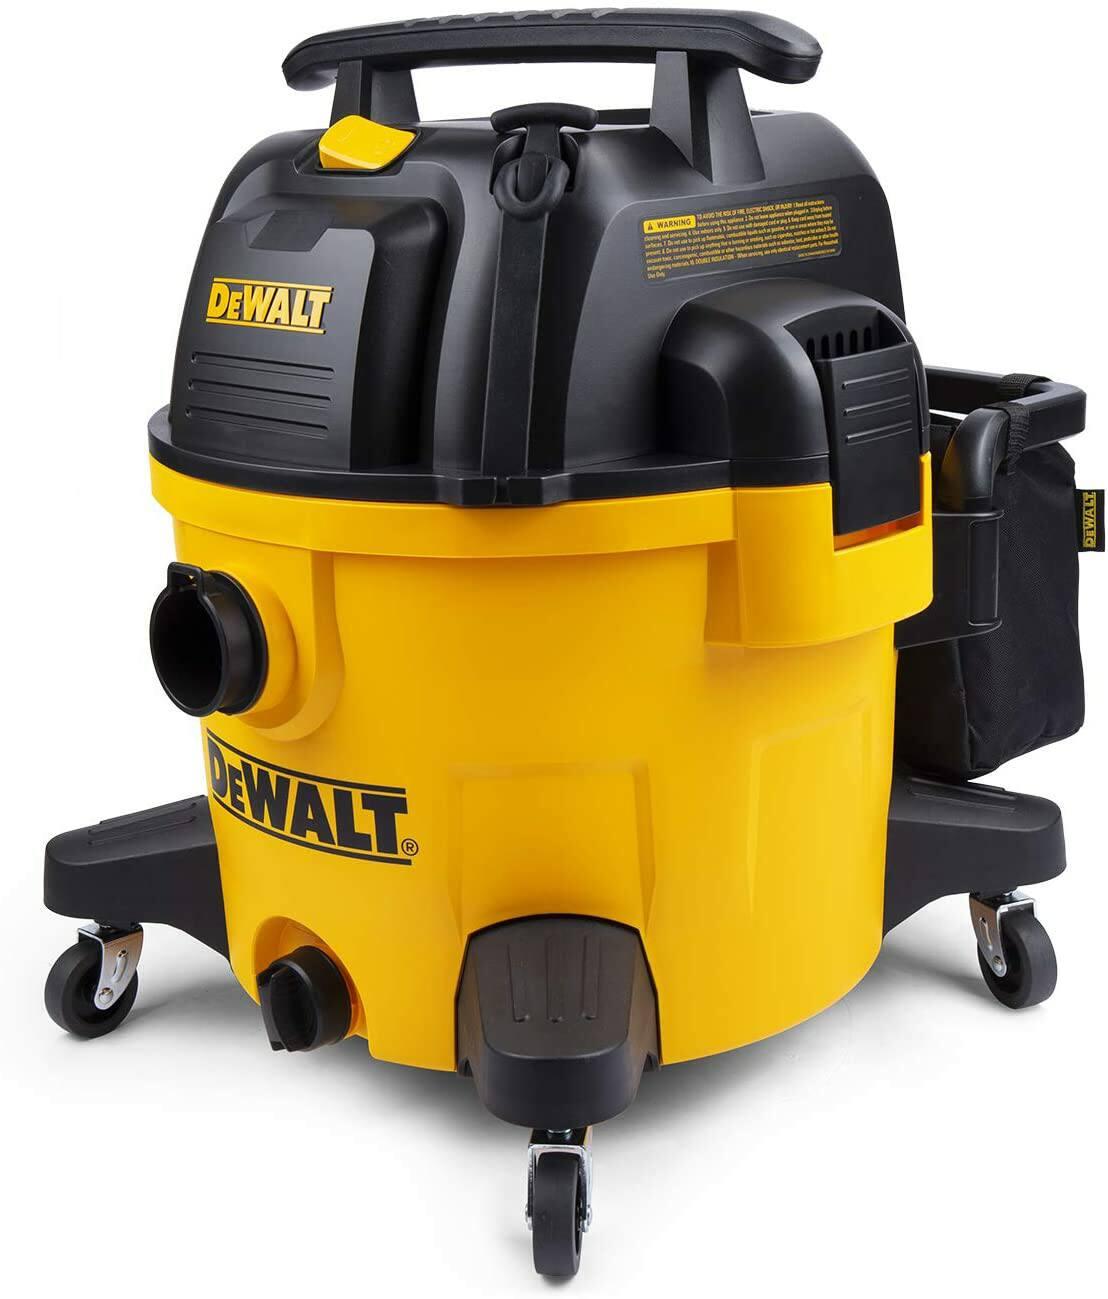 DEWALT 9-gal Wet Dry Shop Vac at Lowes for $79